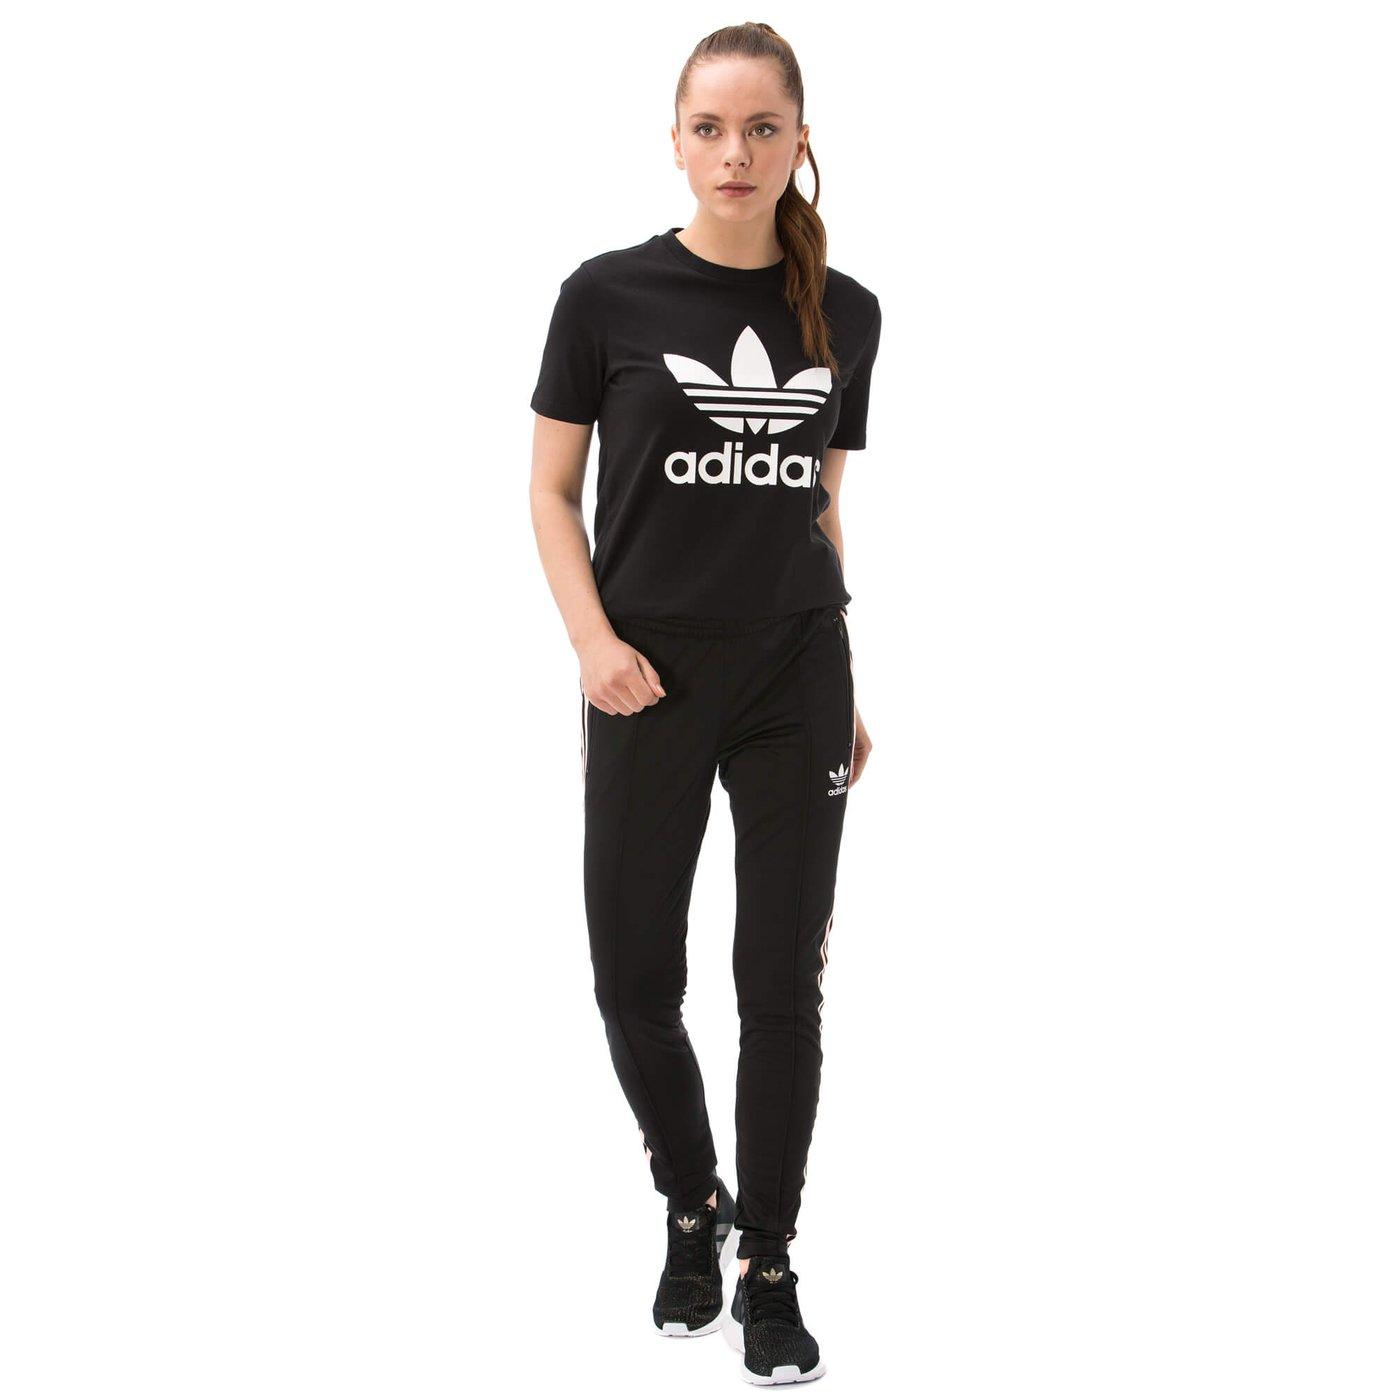 adidas Track Pants Kadın Siyah Eşofman Altı